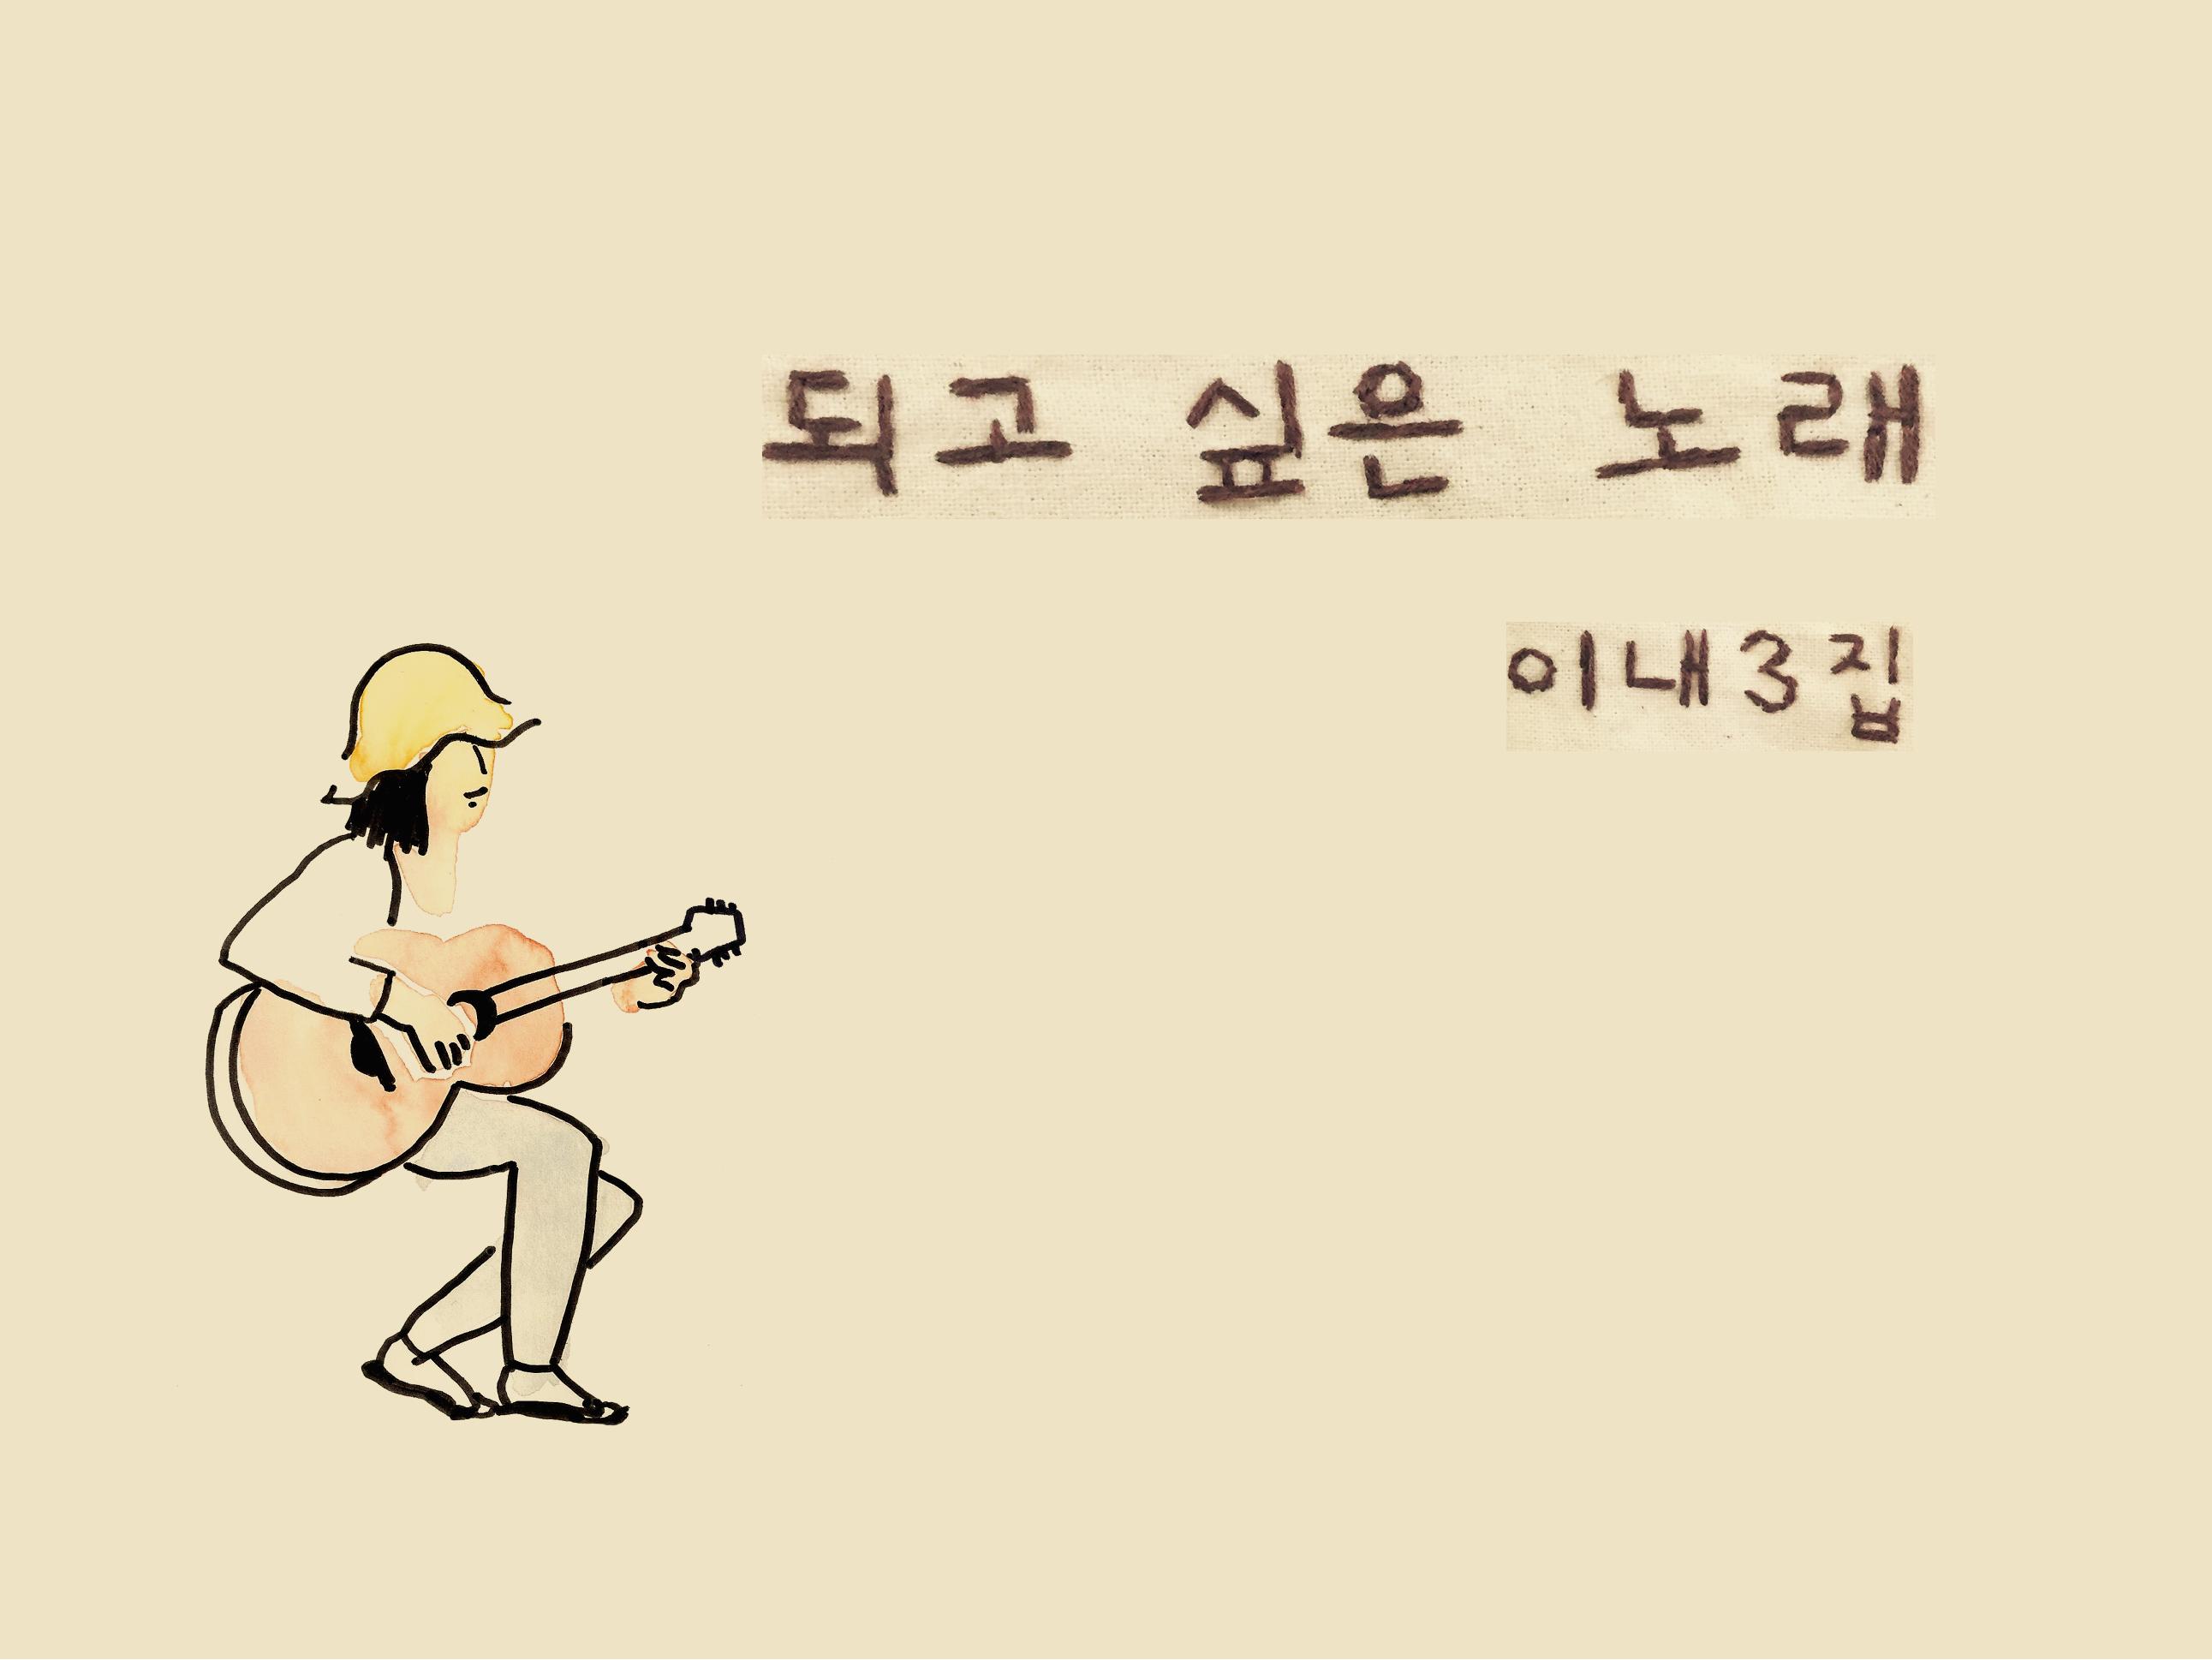 길 위의 음악가, '이내'의 3집 앨범 <되고 싶은 노래>